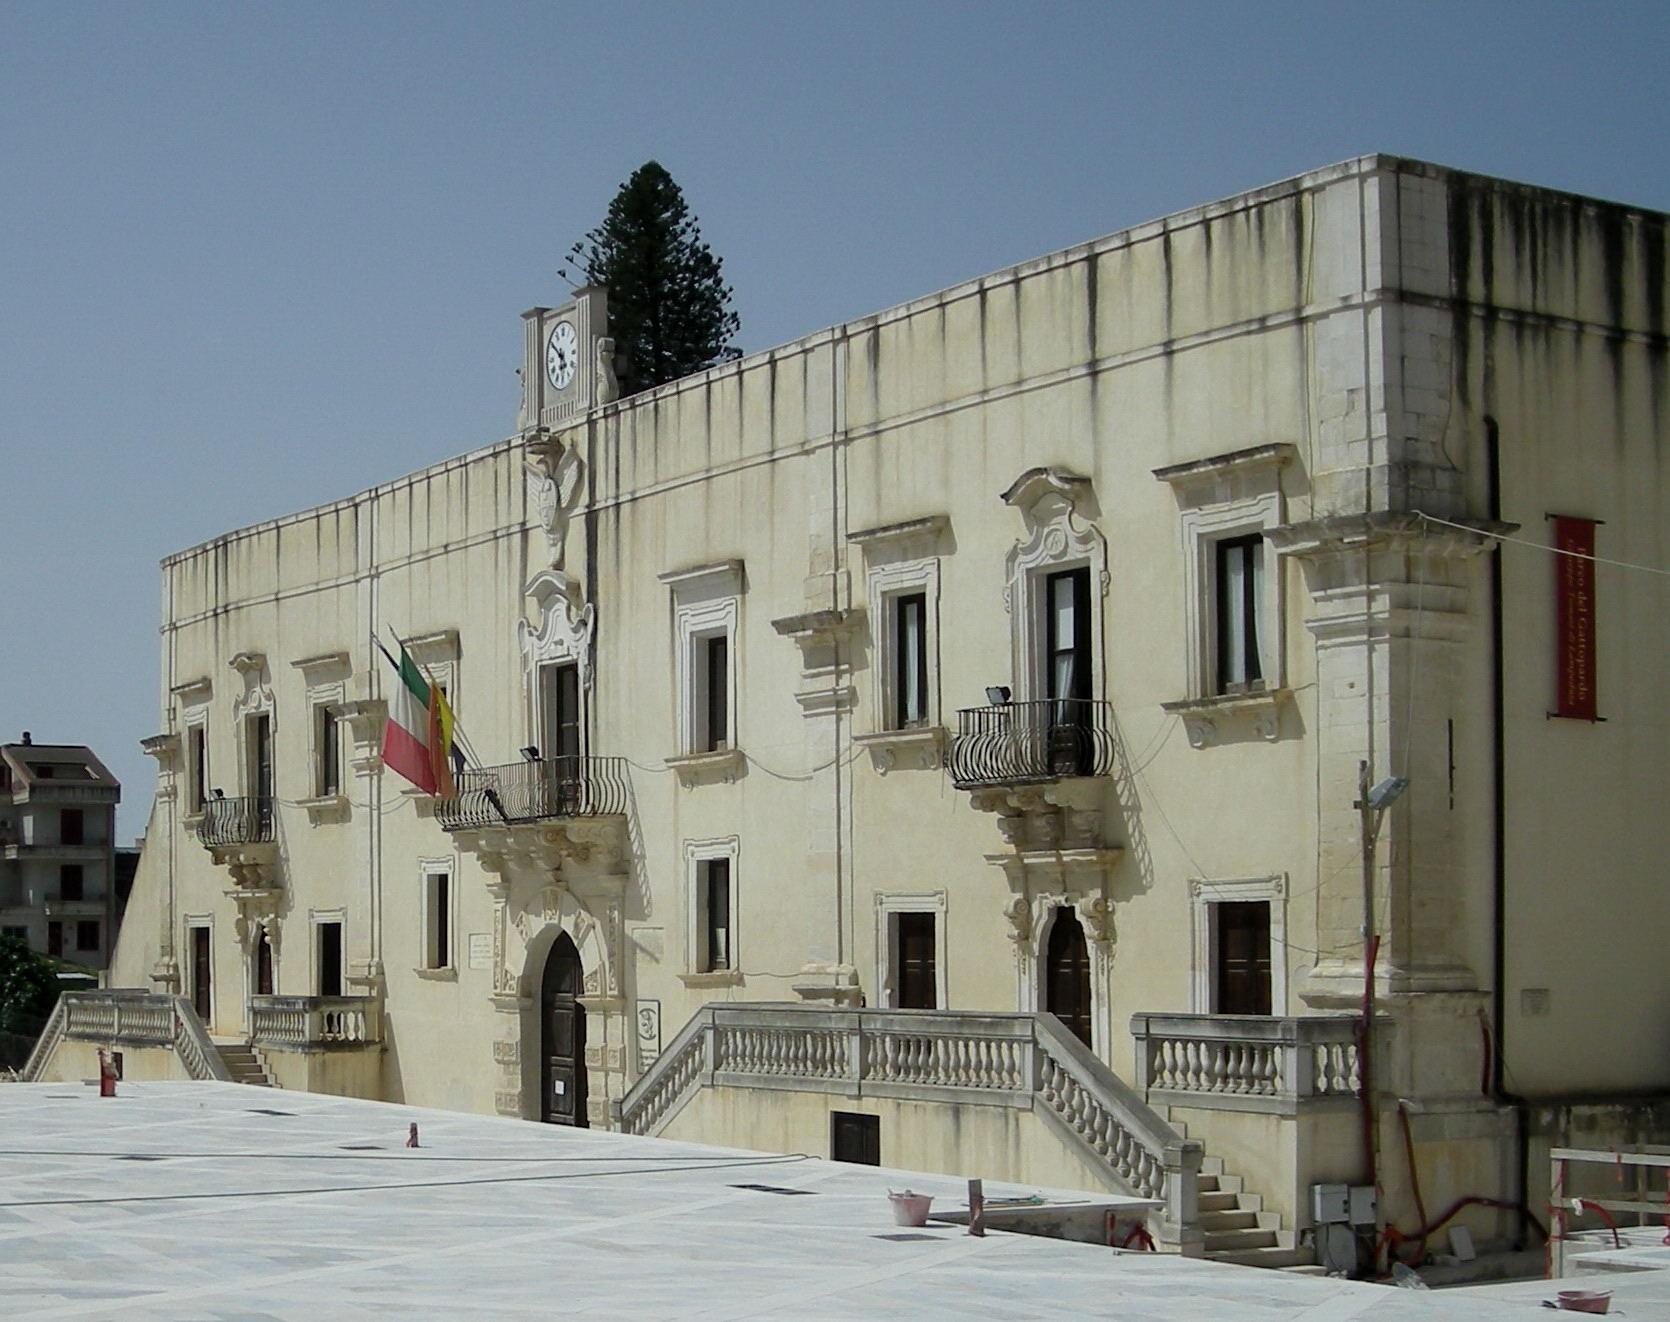 Belice Santa Margherita Wikipedia Di Santa Margherita eoBCdx